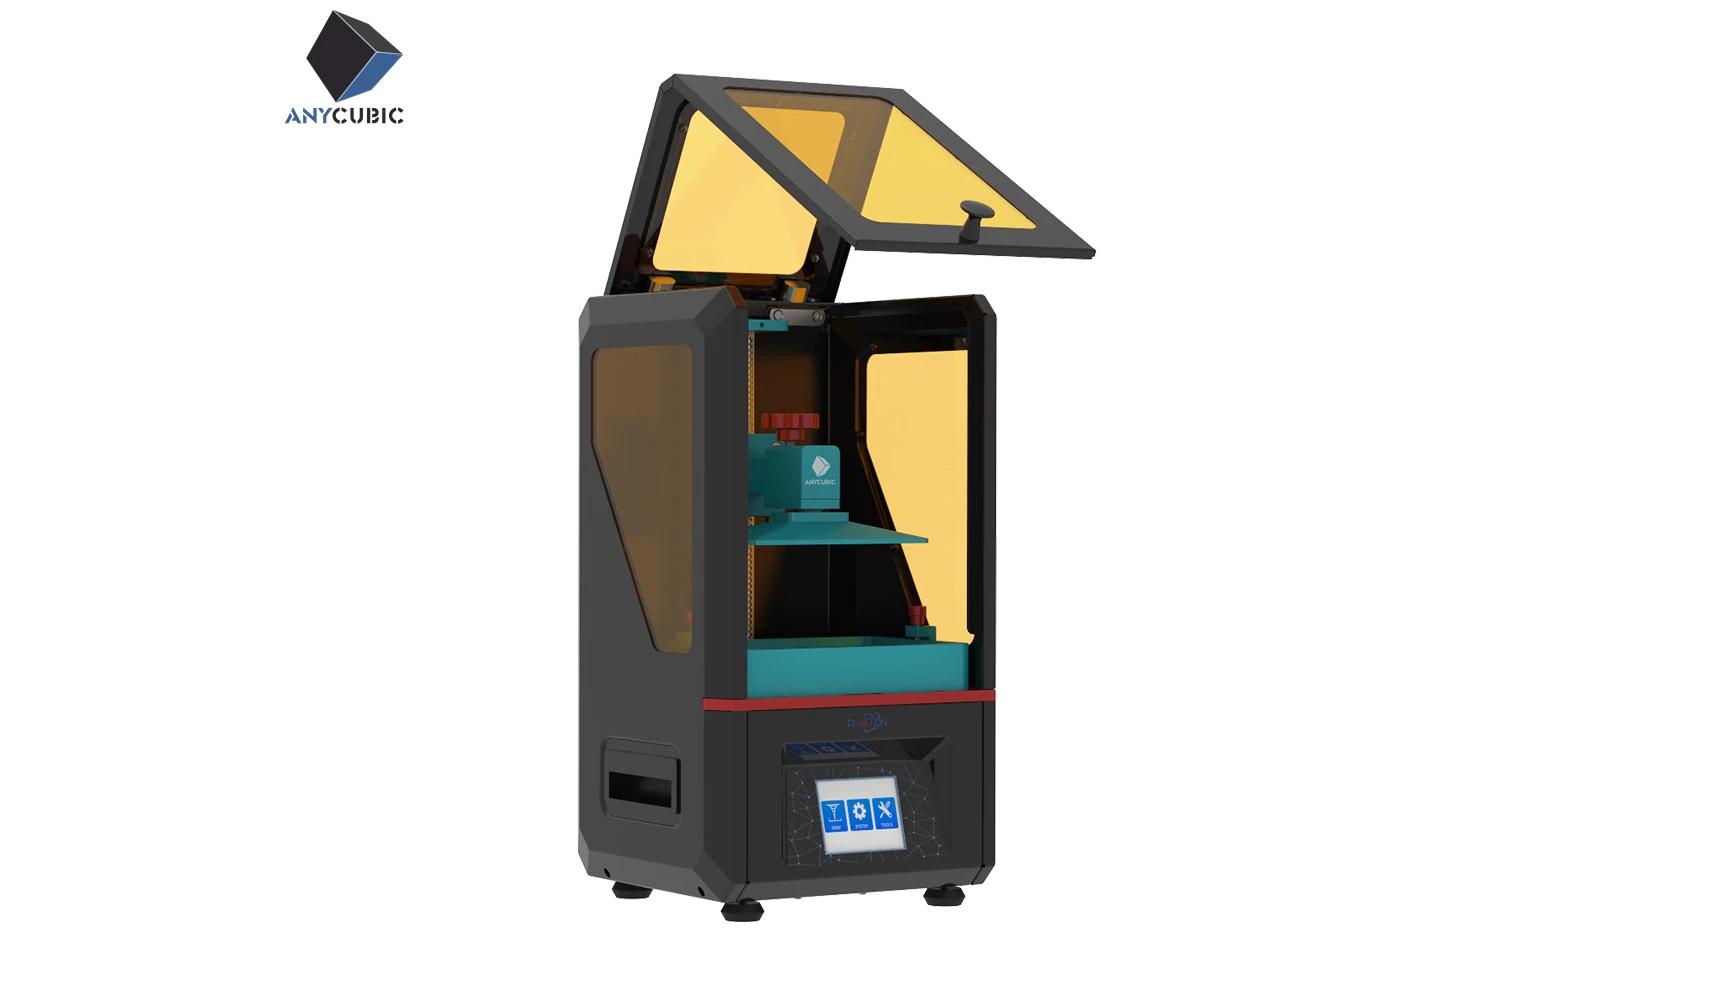 Недорогие и доступные фотополимерные 3D-принтеры - 13